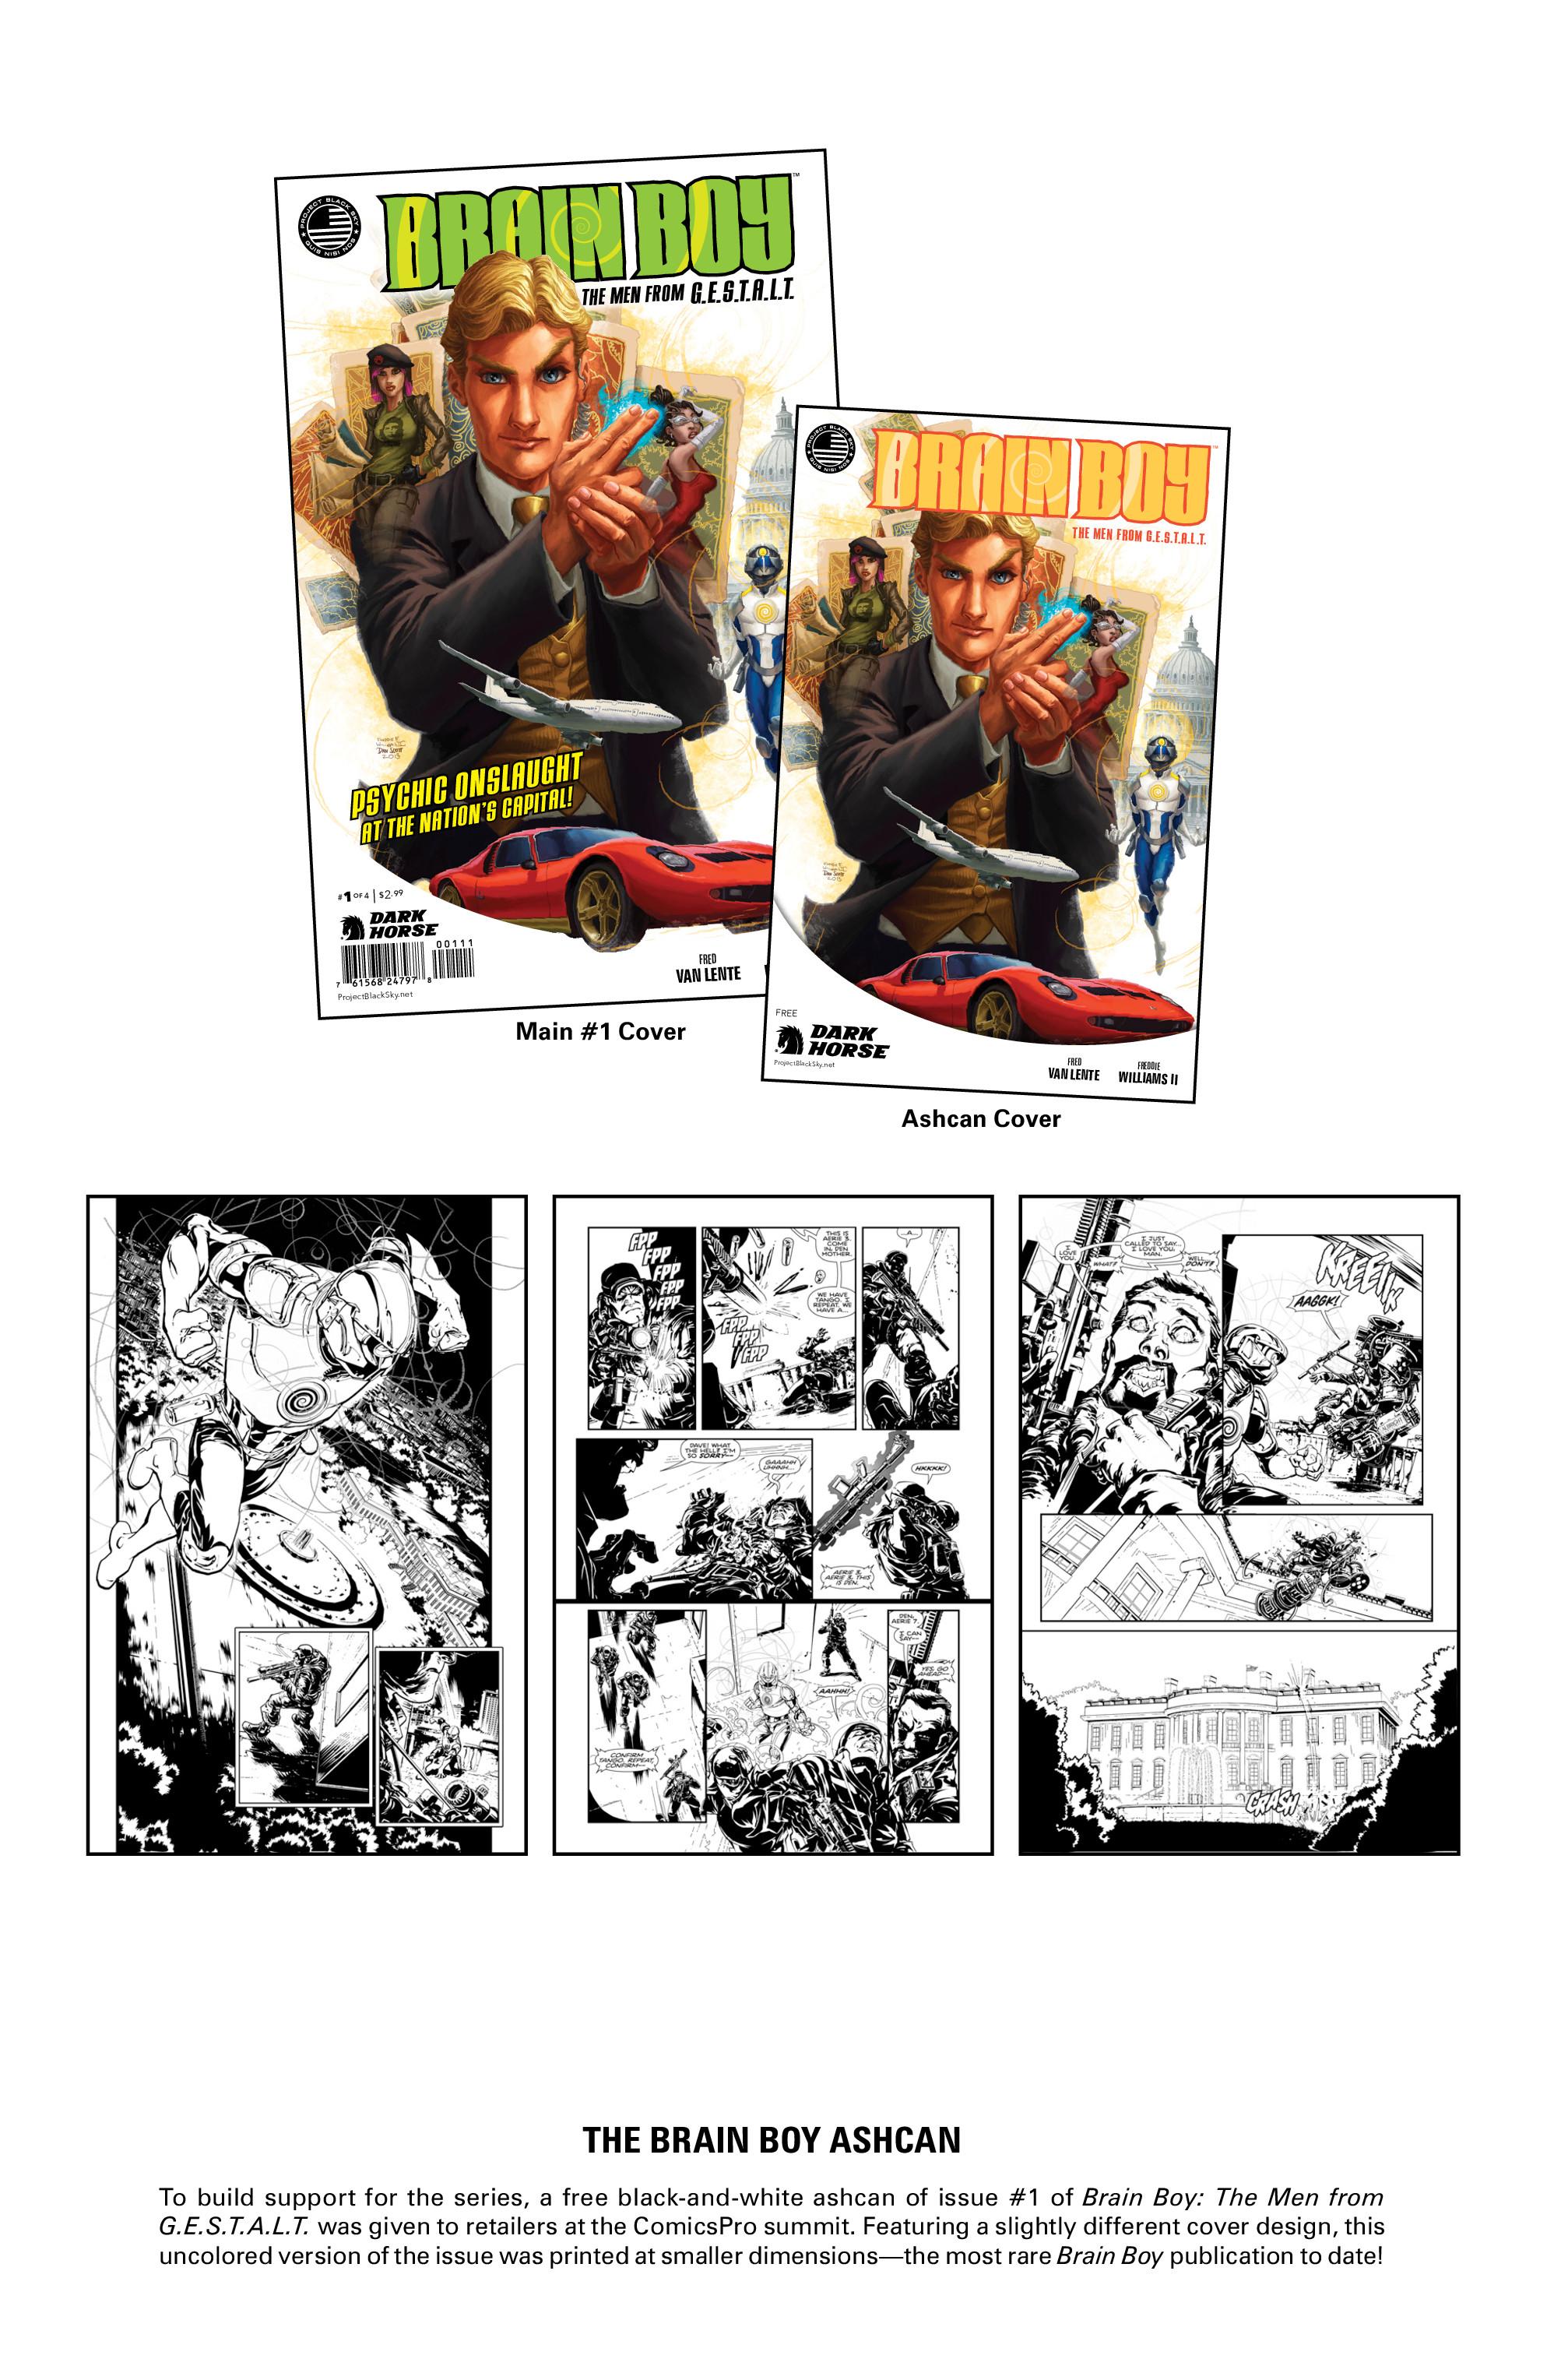 Read online Brain Boy:  The Men from G.E.S.T.A.L.T. comic -  Issue # TPB - 107